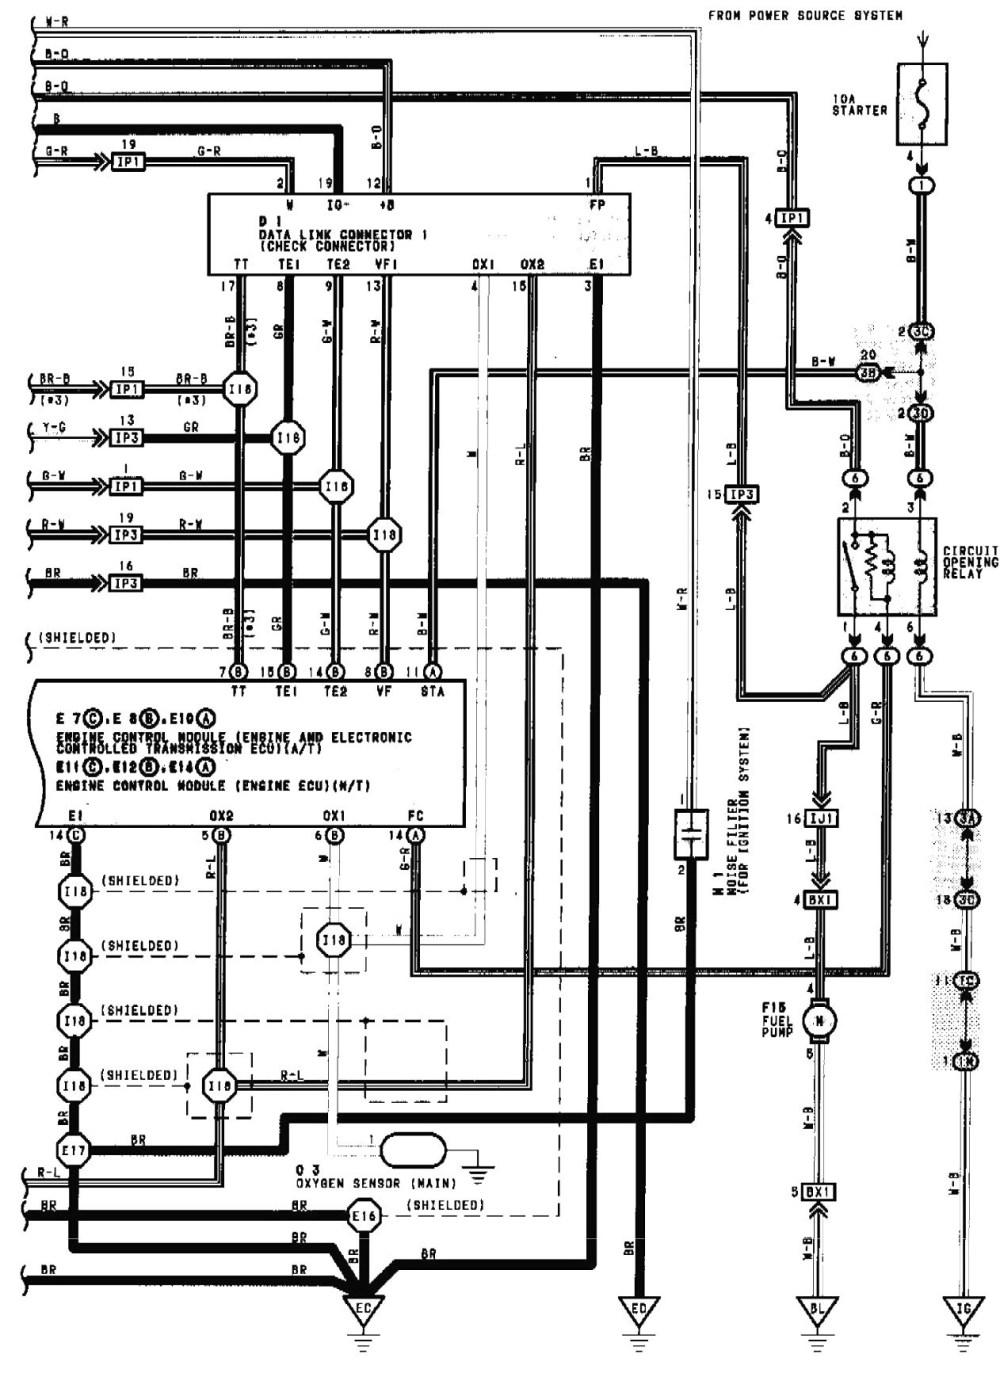 medium resolution of toyota 2 4l engine diagram toyota auto wiring diagram 2002 toyota camry sensor wiring diagram 2003